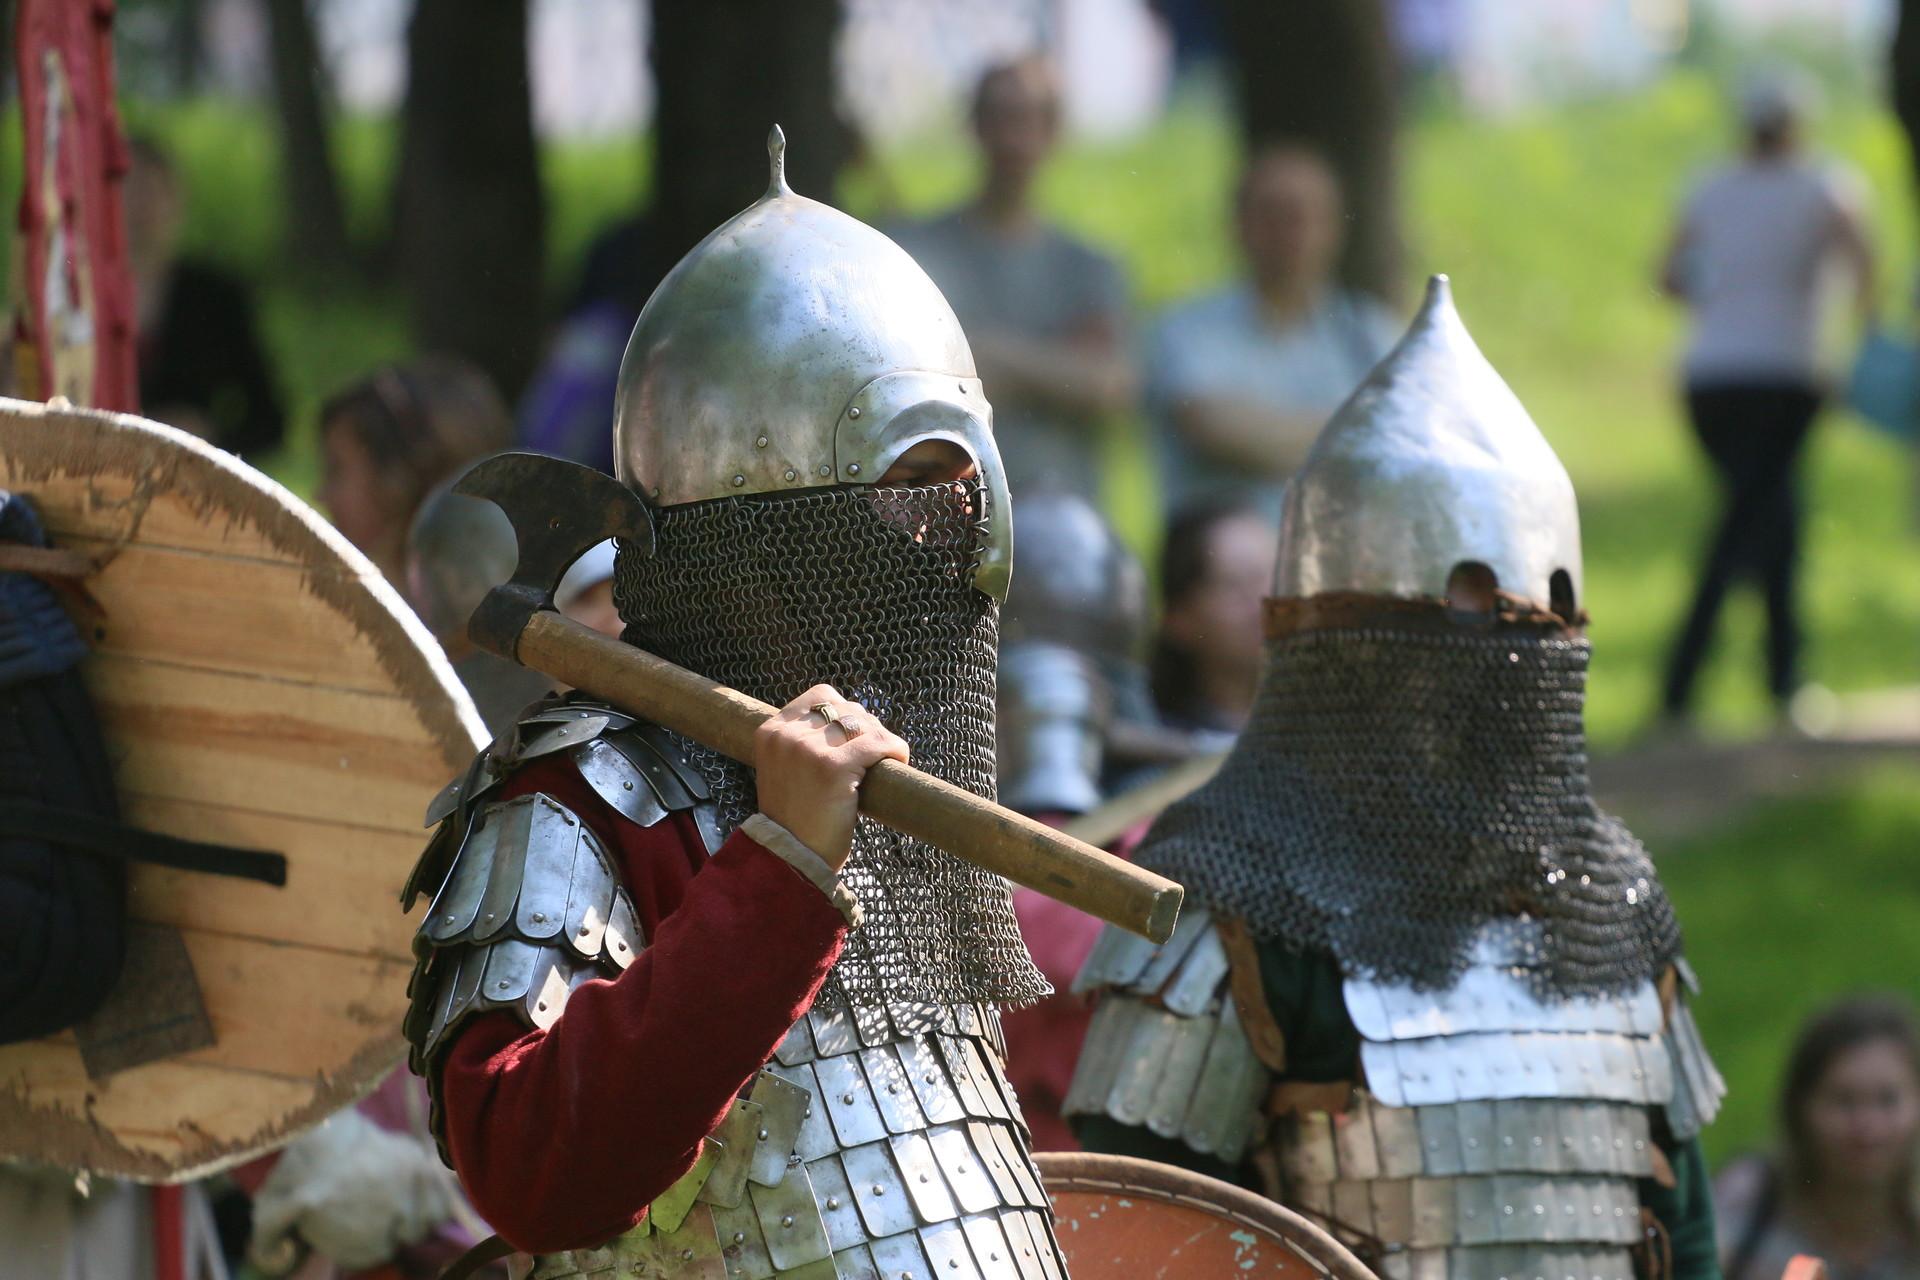 Псковичи смогут прикоснуться к эпохе XIII века, узнать всё о воинских доспехах и ратной доблести. Фото: Михаил Глущенко.